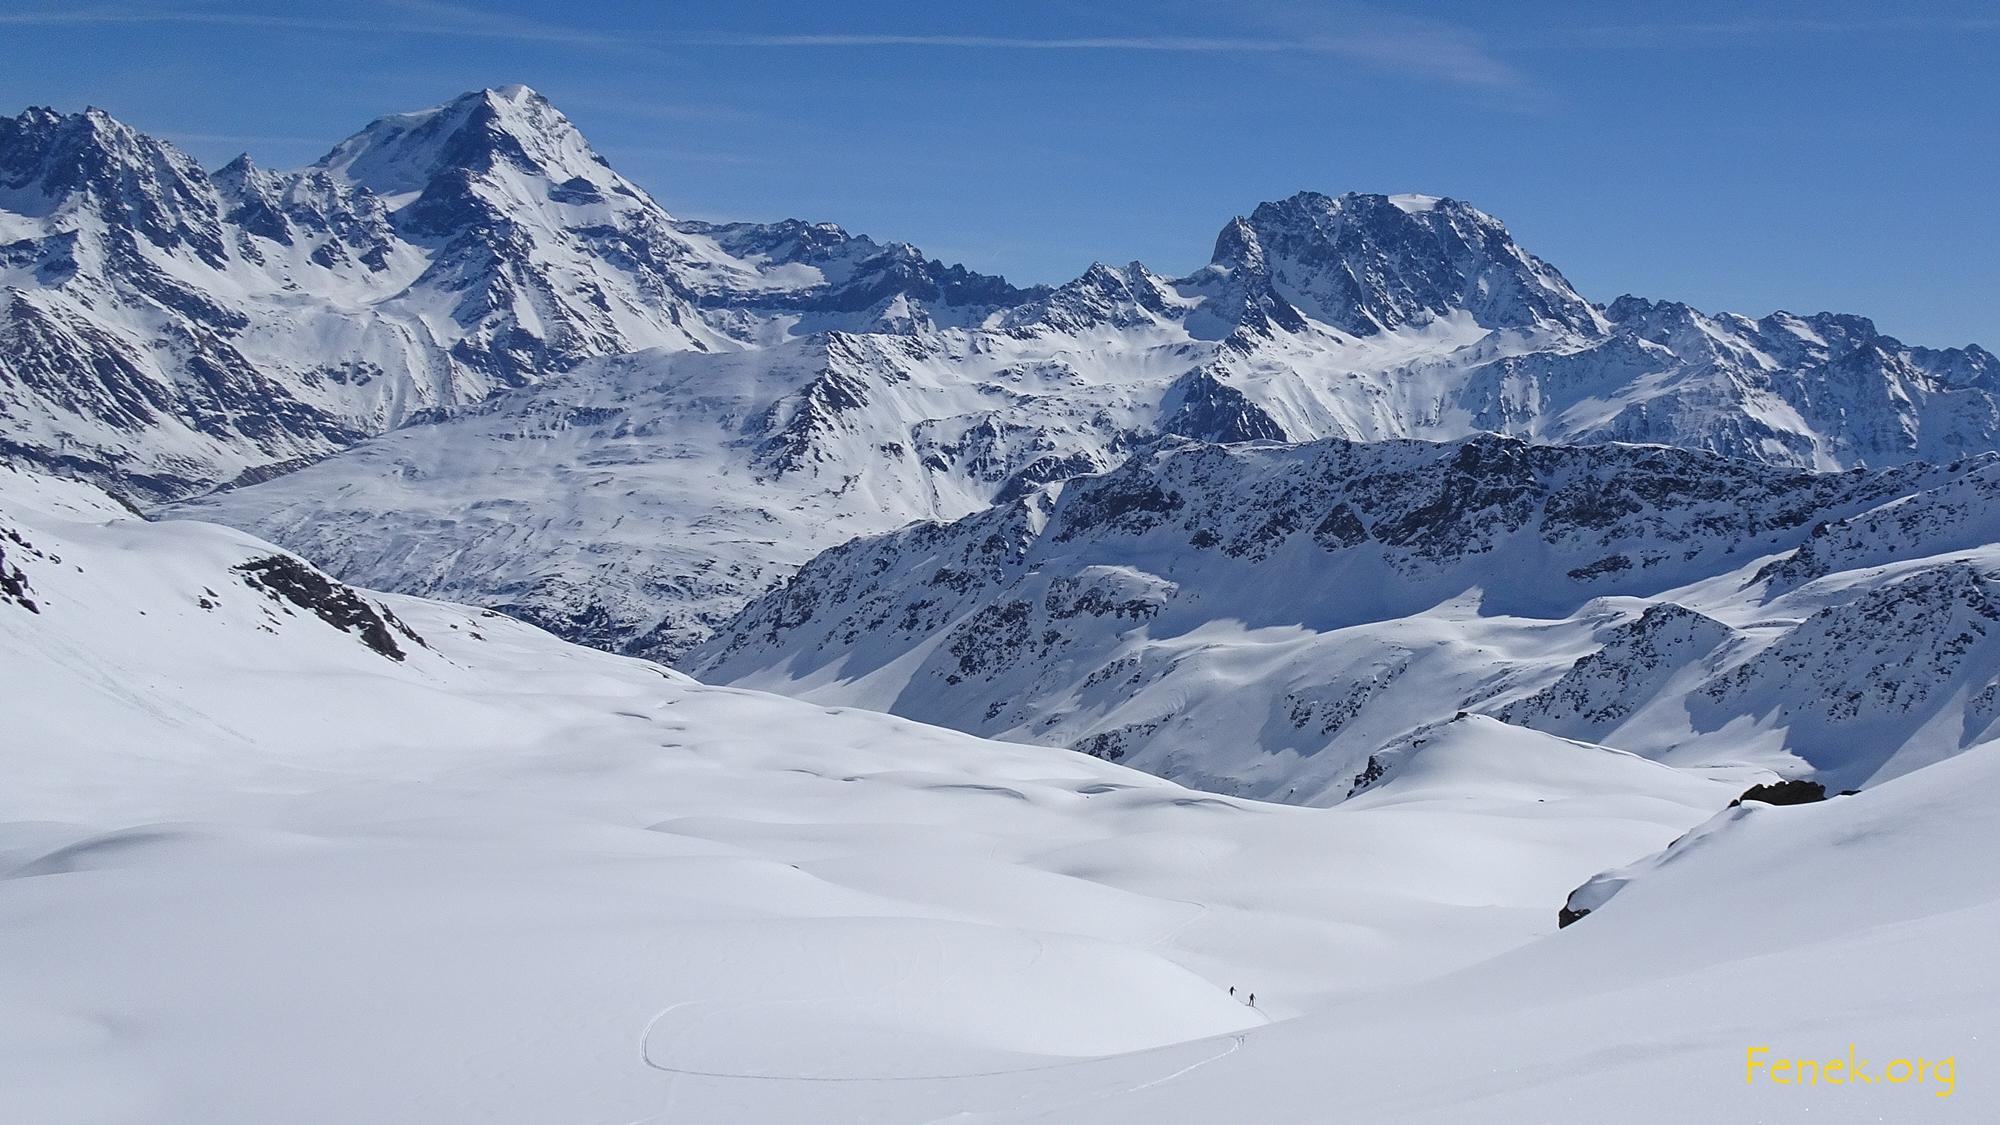 unten folgen noch 2 Skitüreler